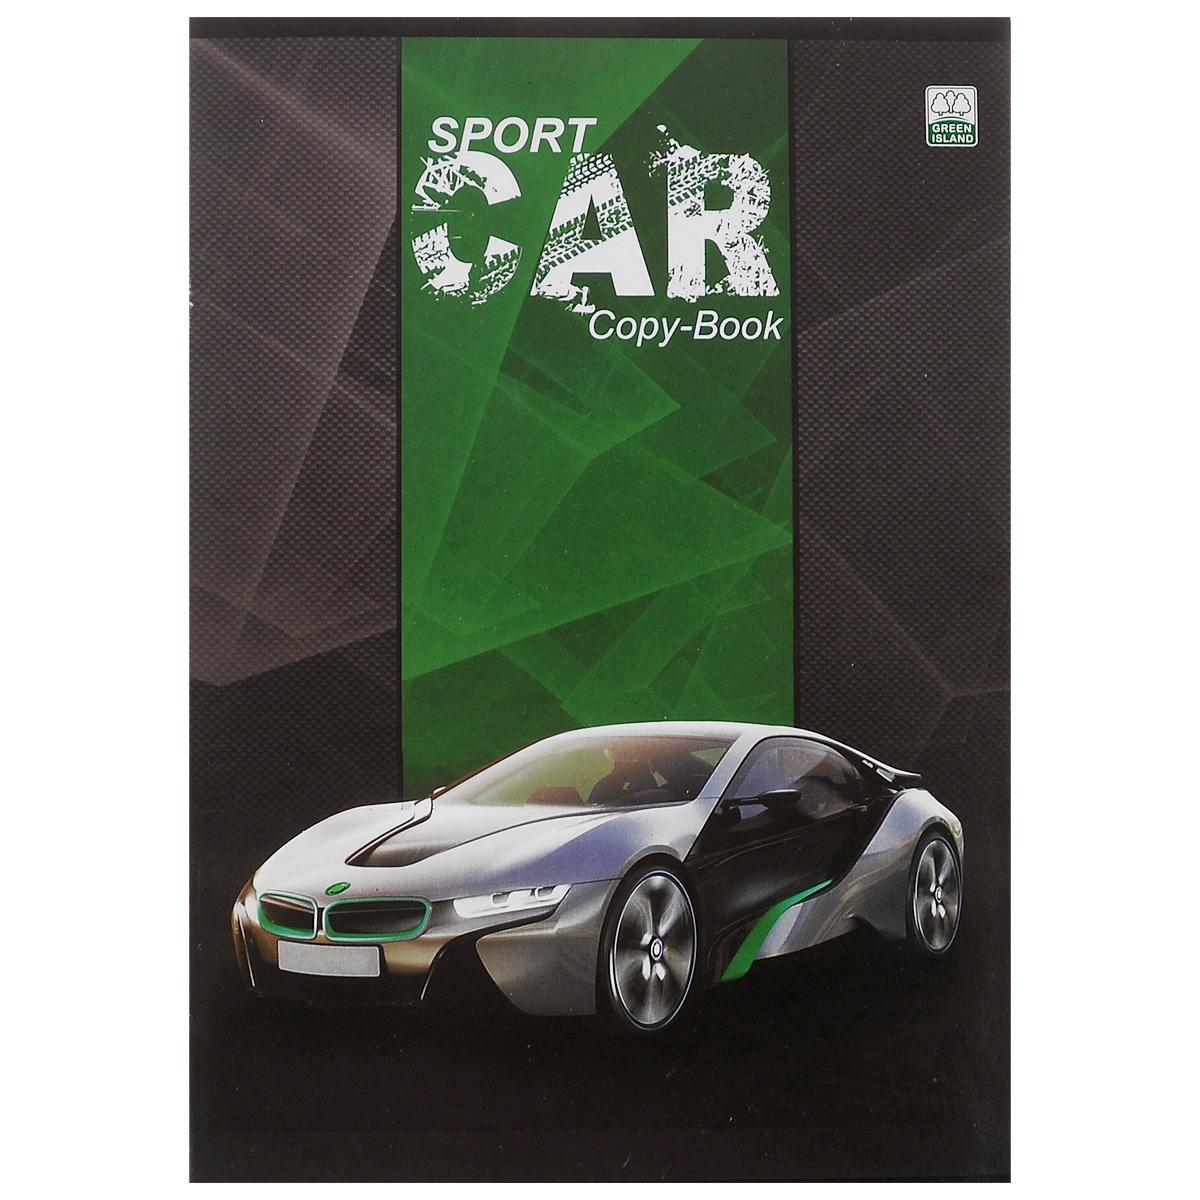 """Тетрадь в клетку """"Sport Cars"""", цвет: серый, зеленый, 96 листов. 6641/3"""